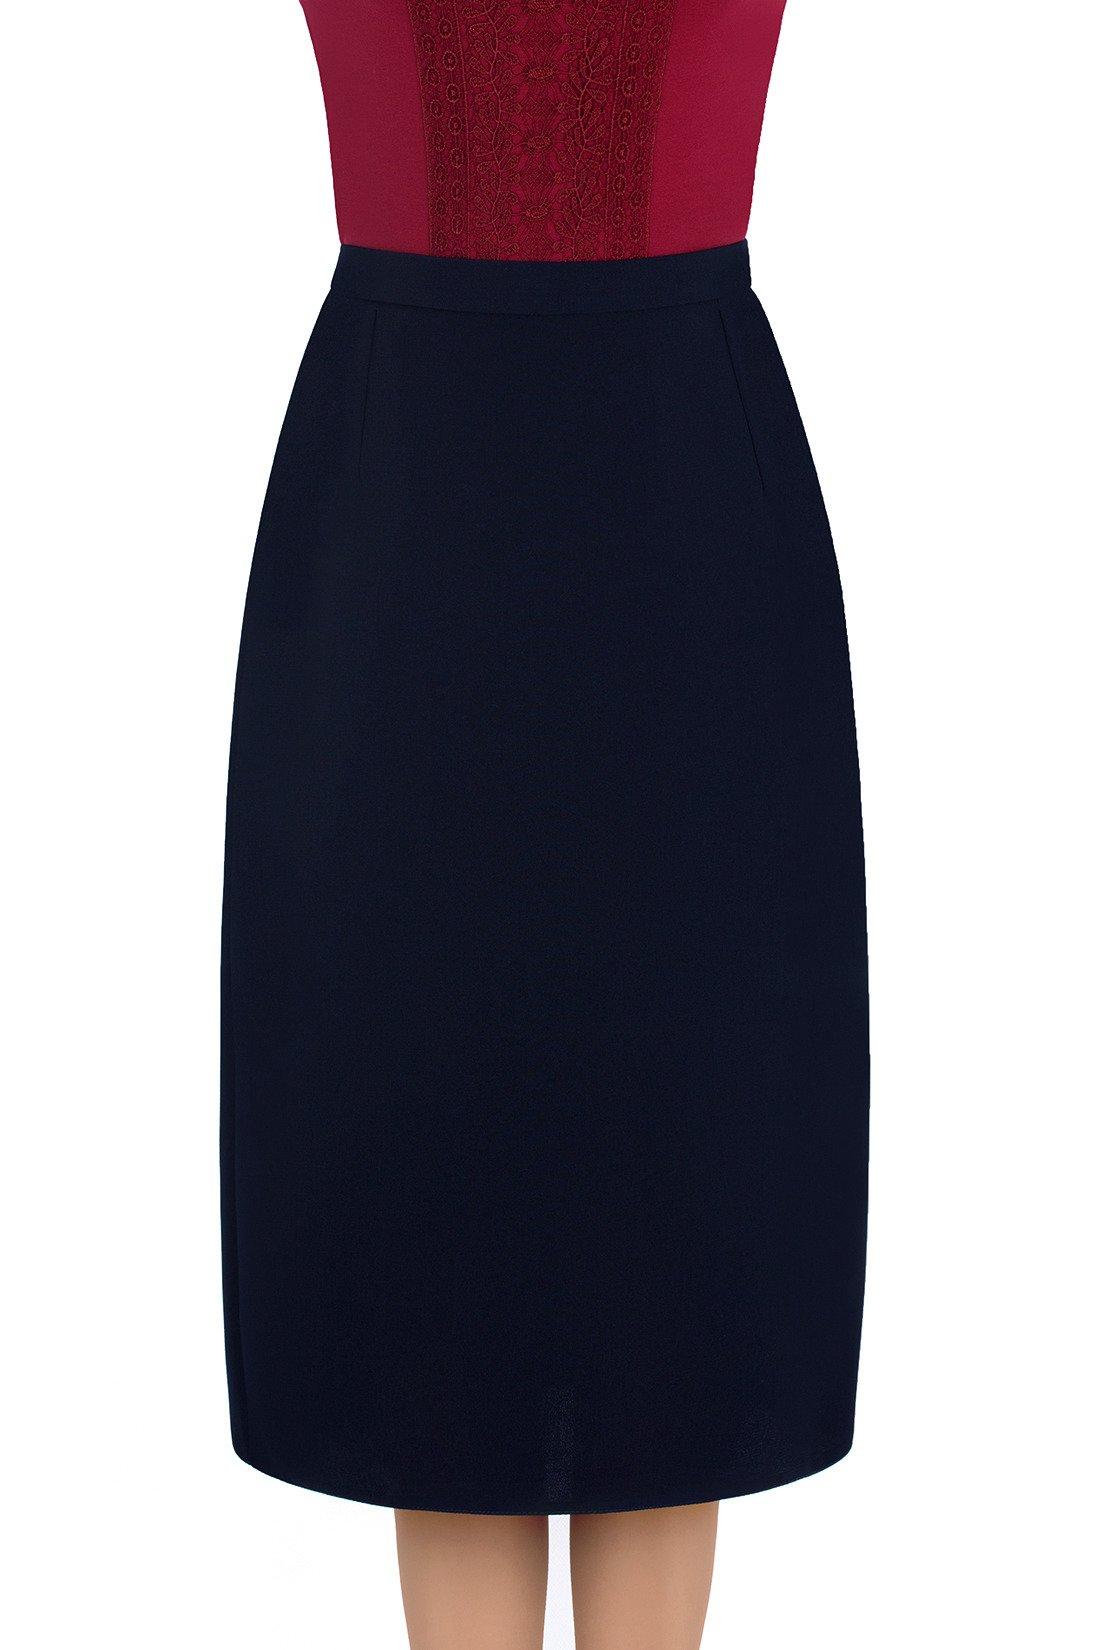 cf274ffc4ac9e Elegancka spódnica Nicole granatowa prosty fason | sklep internetowy ...